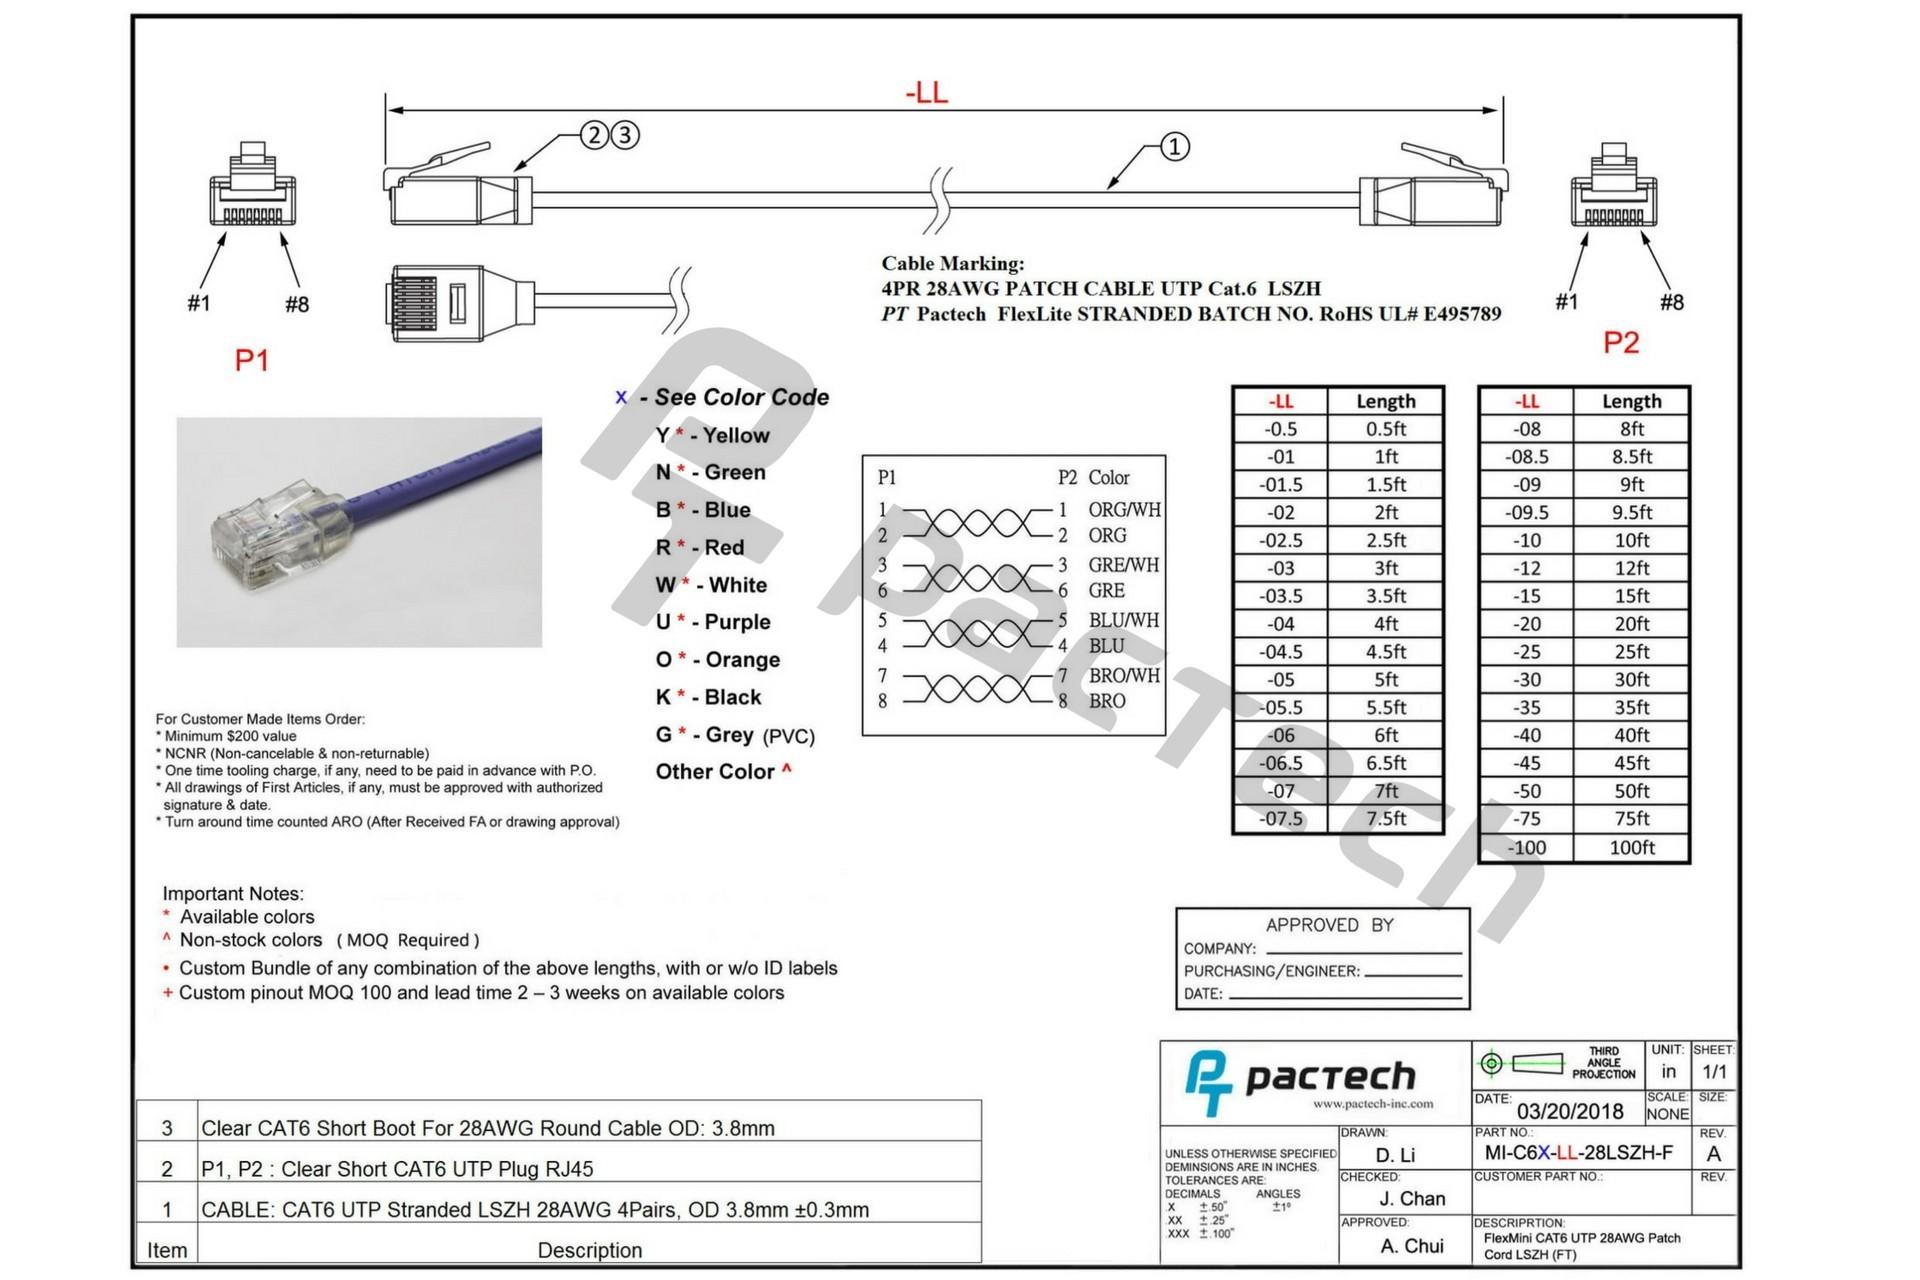 Rj 45 Wiring Diagram Elegant Wiring Diagram Image